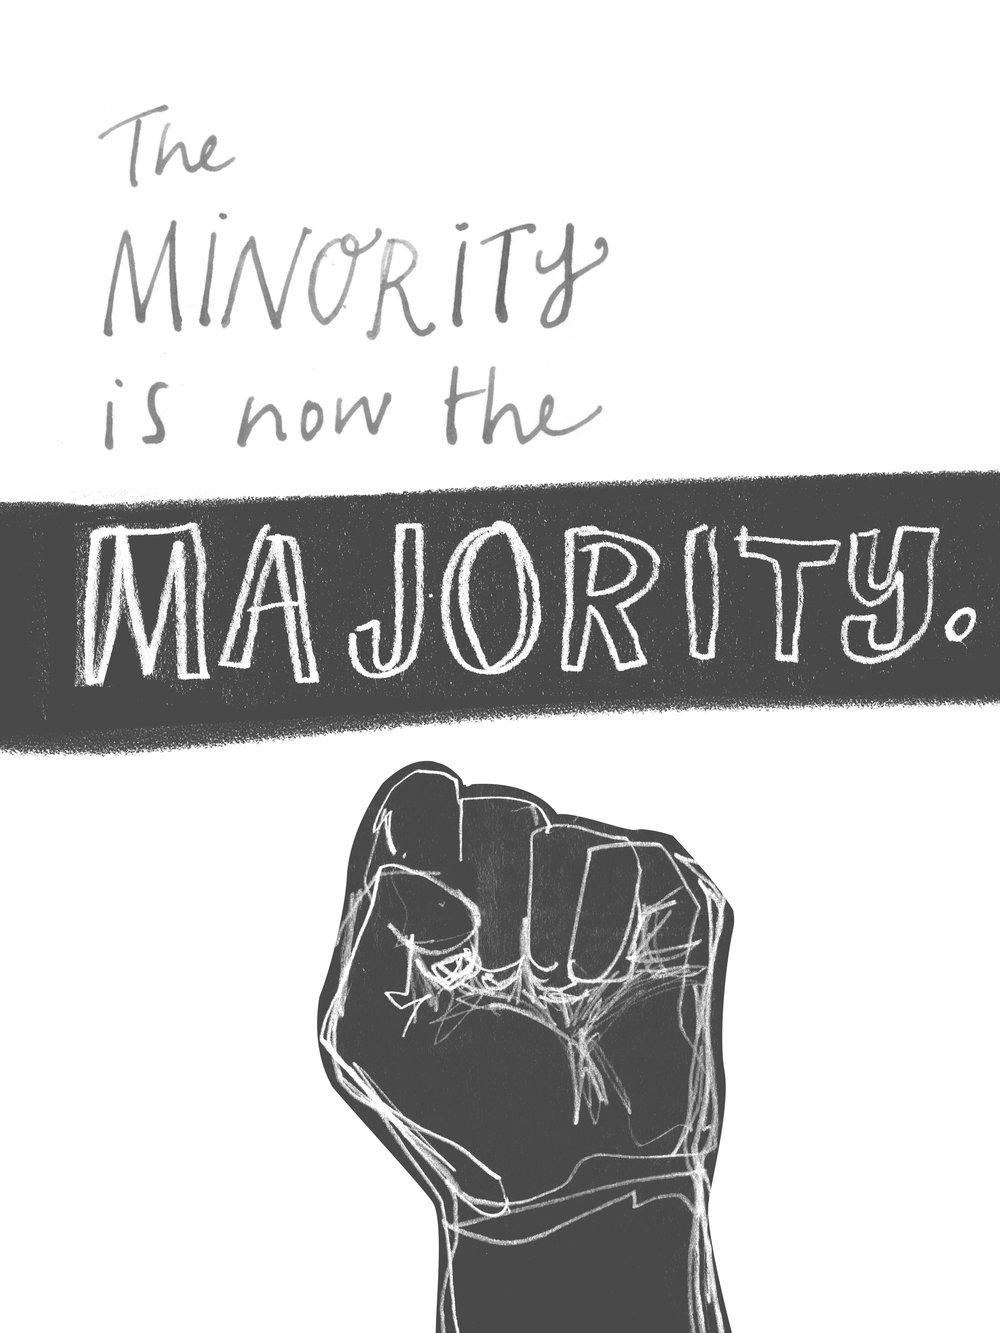 LBoLowery_minority majority copy.jpg